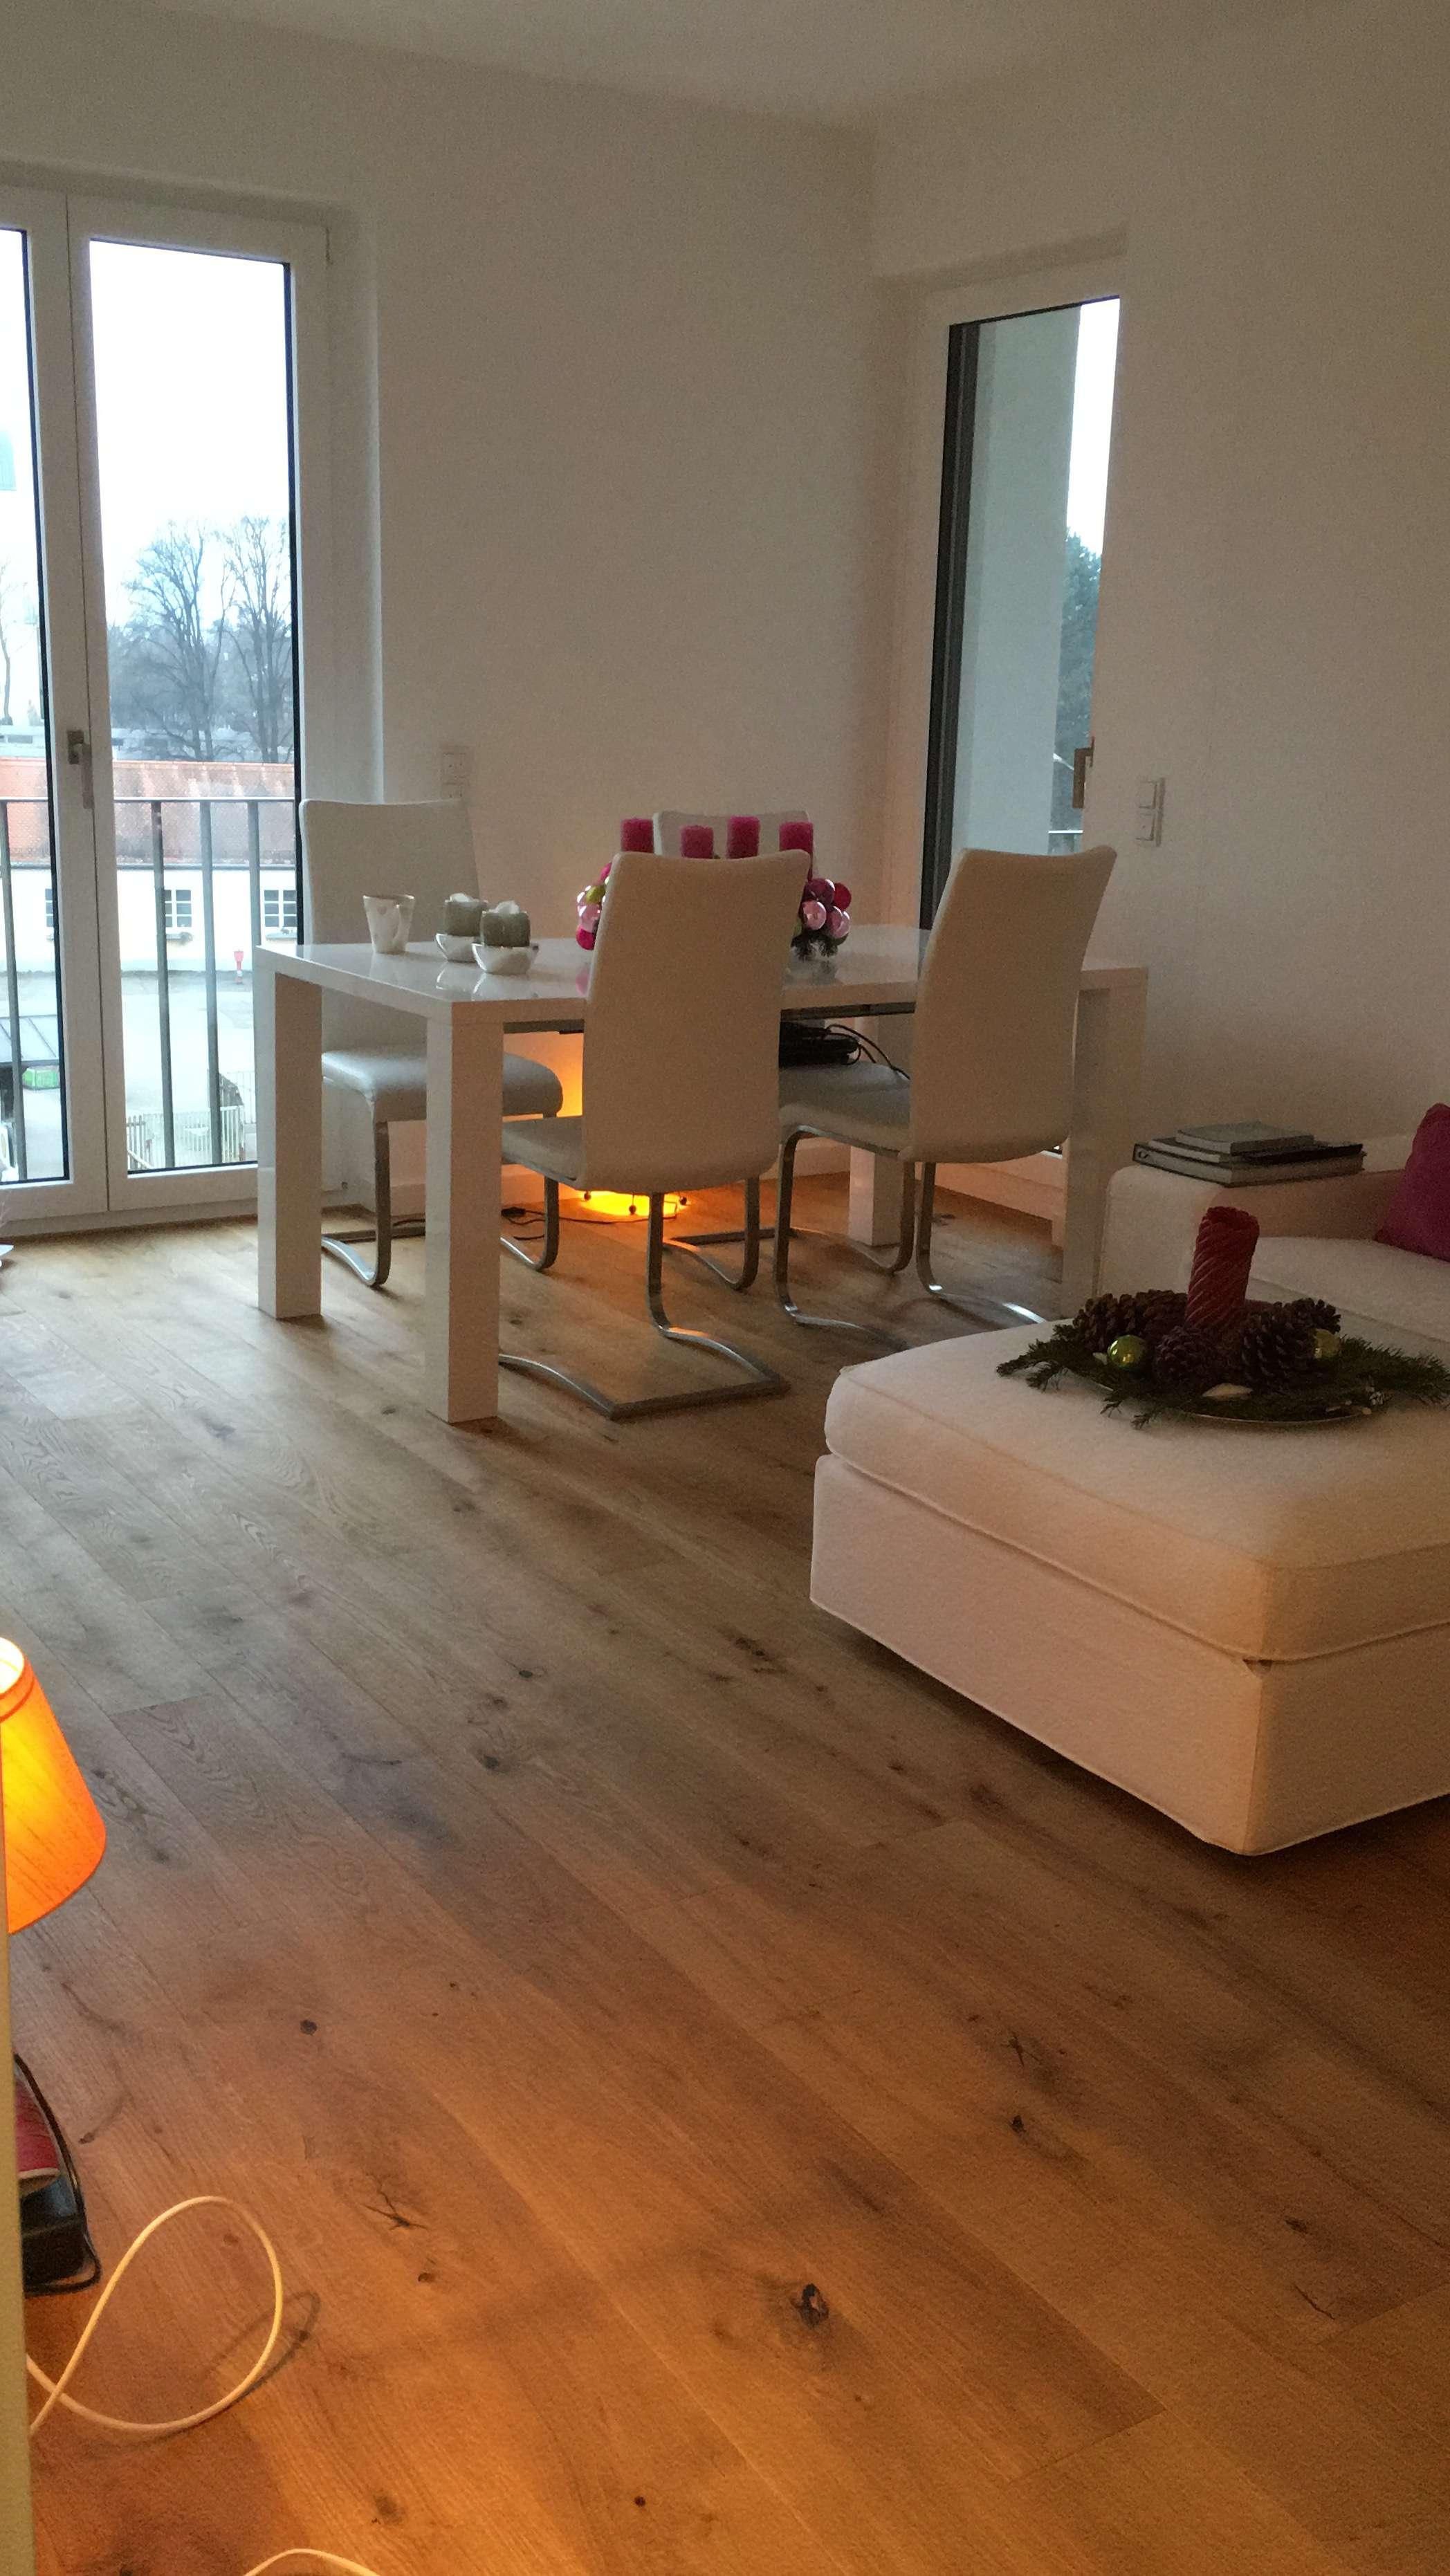 Sehr schöne junge 2 Zimmer Wohnung in einem gepflegtem neuwertigen Mehrfamilienhaus